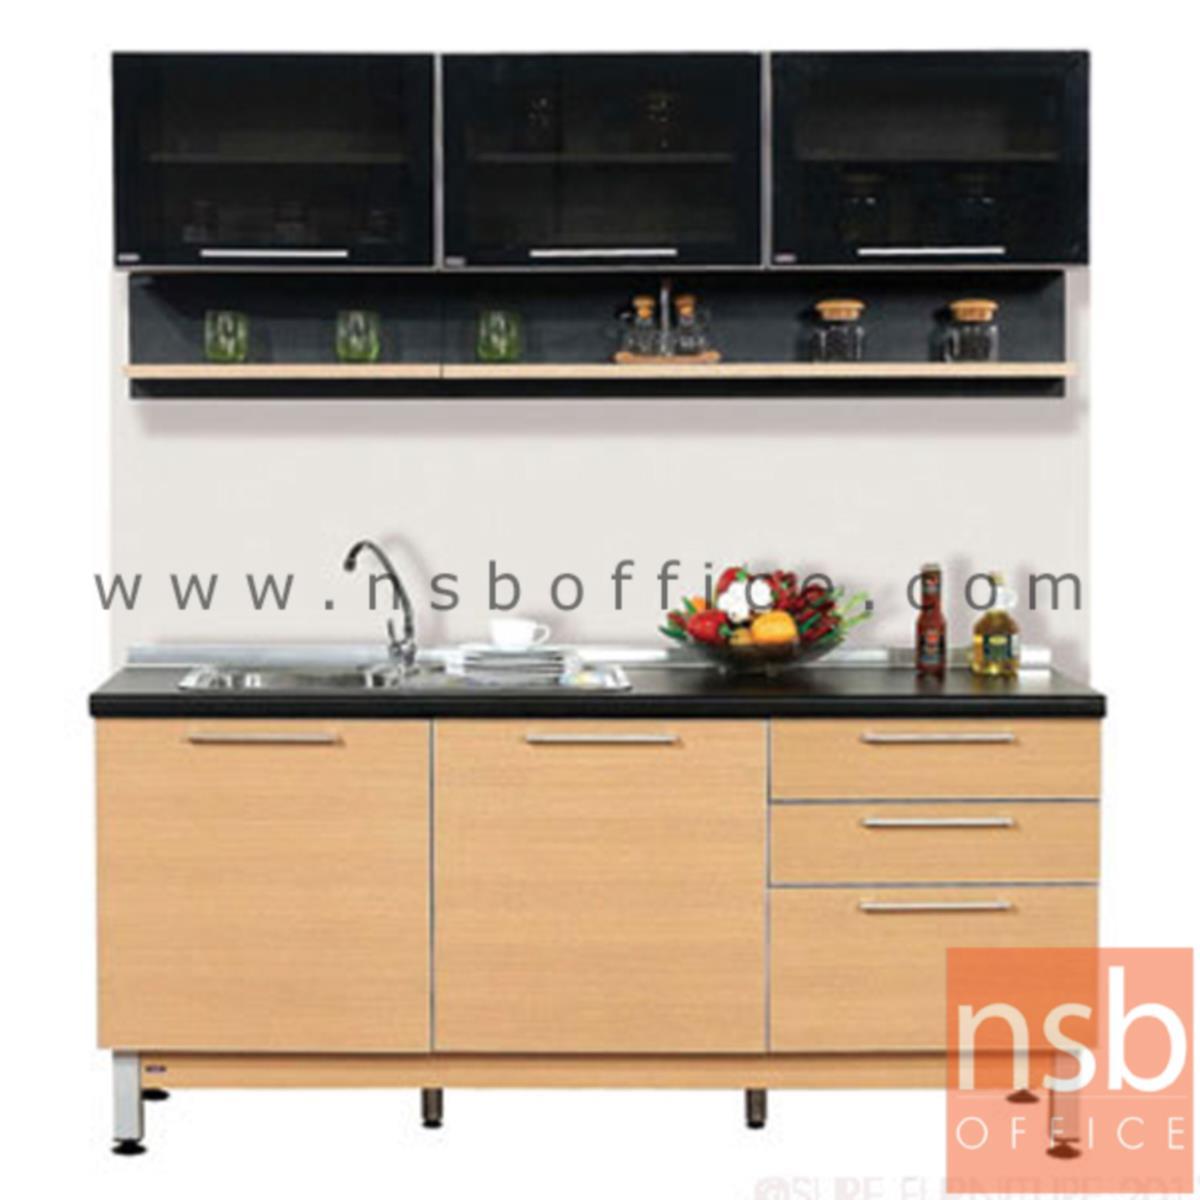 K02A011:ชุดตู้ครัวสีบีทดำ 180W cm.  รุ่น STEP-12  (สำหรับครัวเปียกและครัวแห้ง)